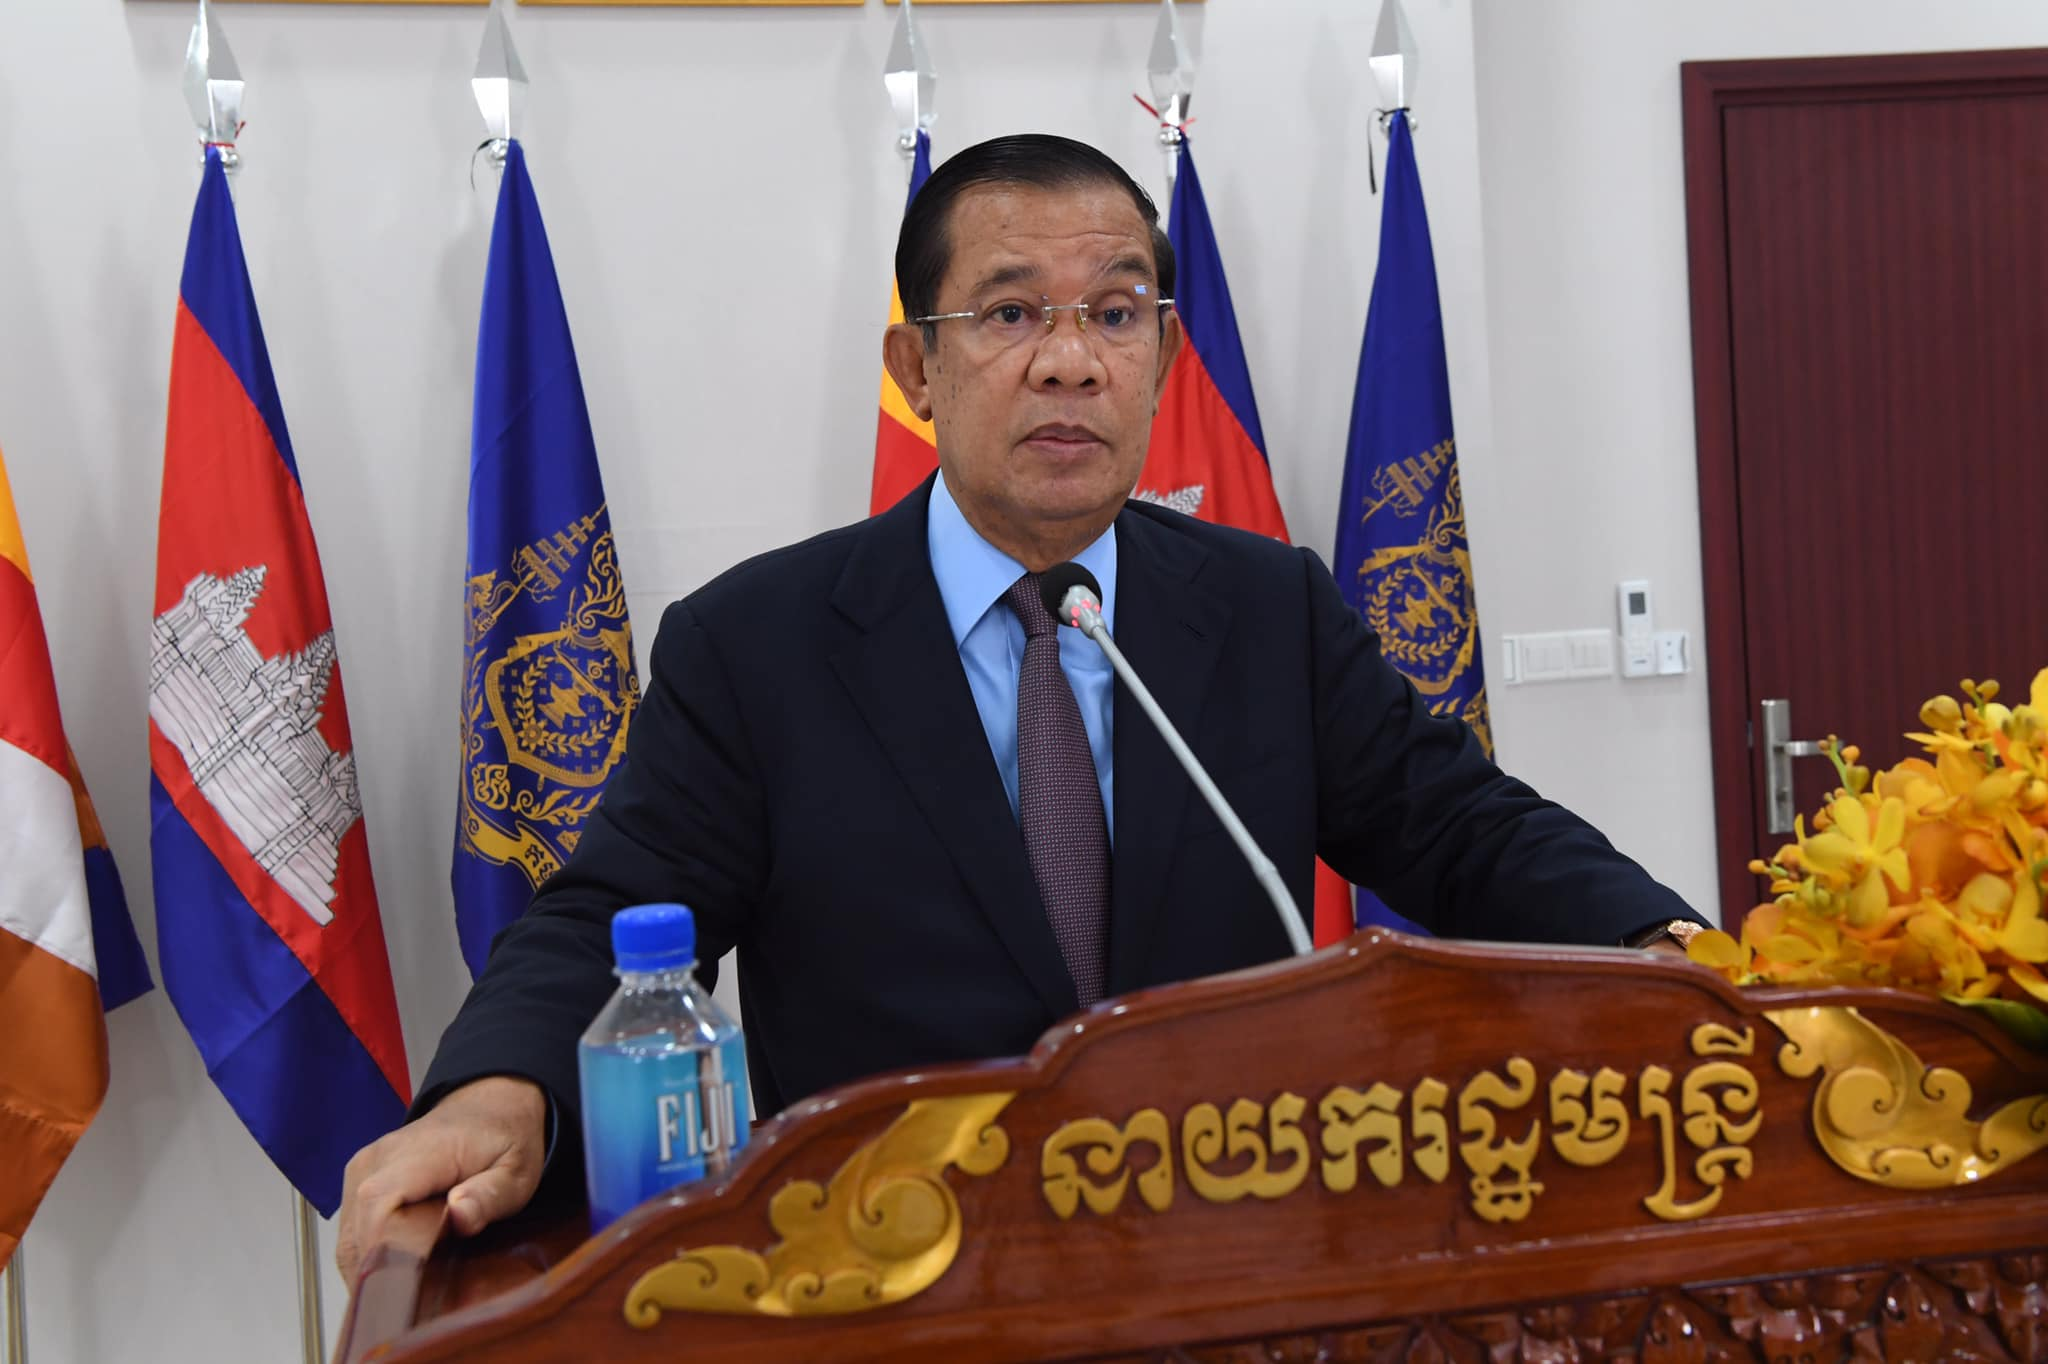 疫苗接种有序推进,柬埔寨将逐步全面开放